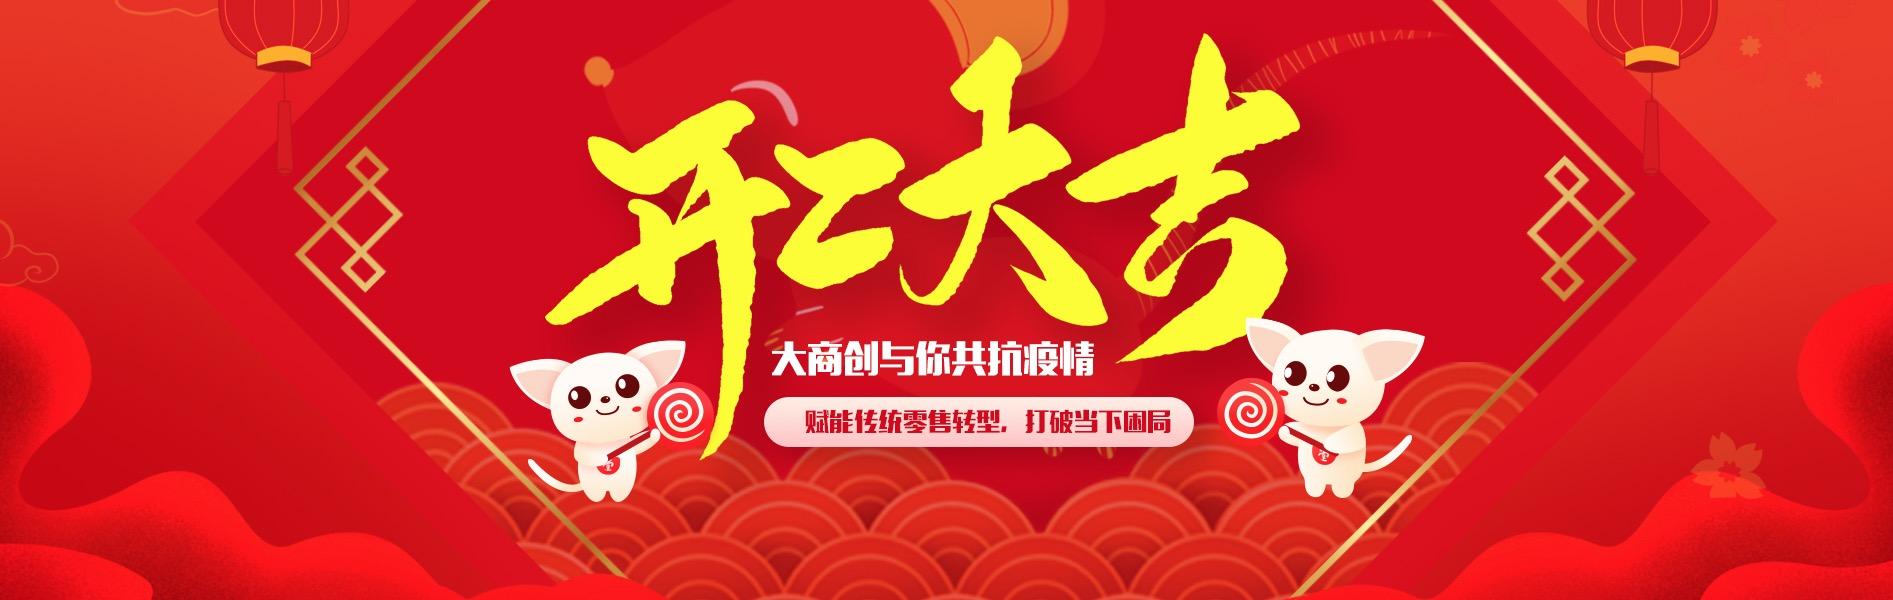 上海商创网络科技有限公司复工通知